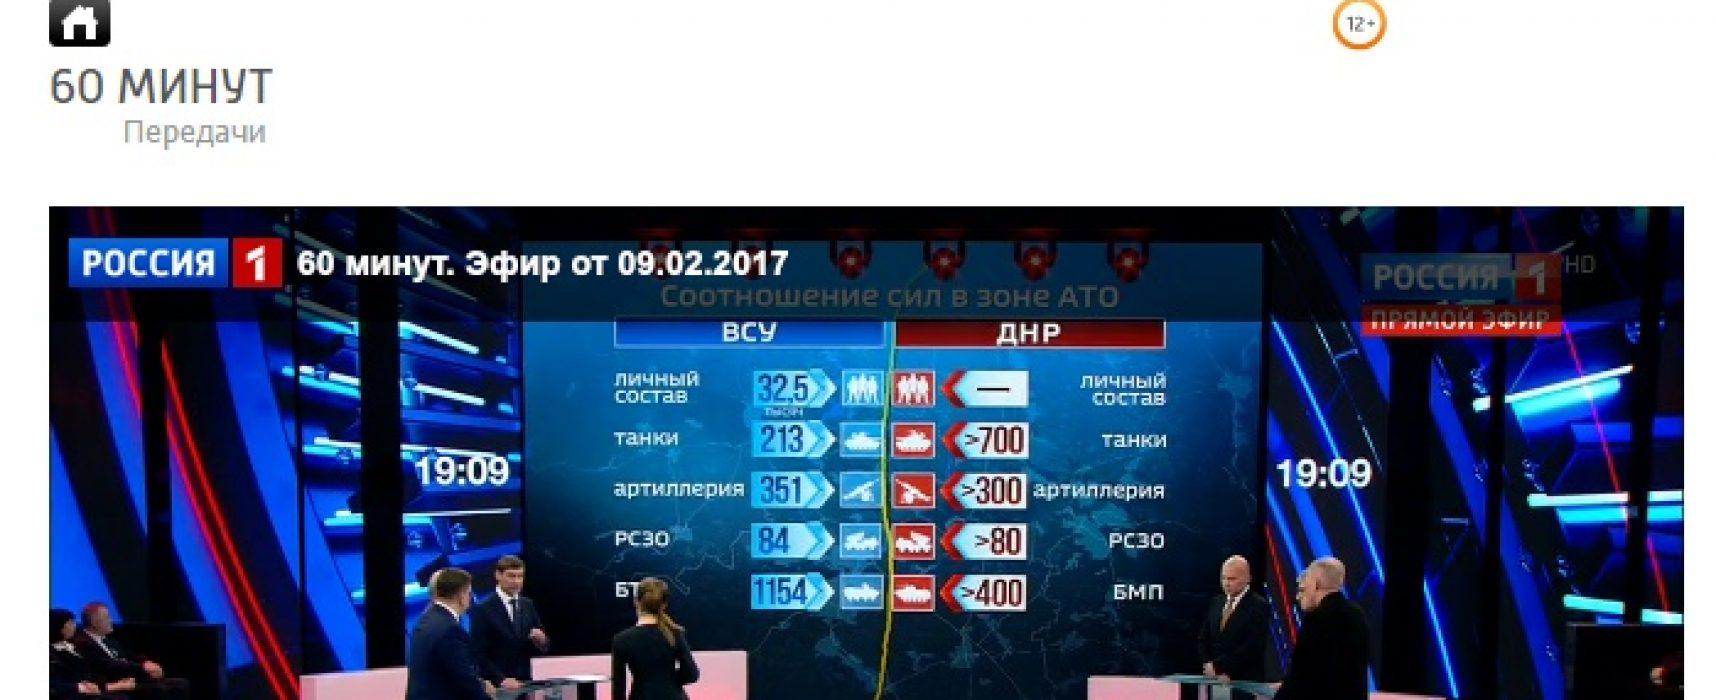 """Фейк: 700 танков на вооружении у так называемых """"ДНР"""" и """"ЛНР"""" – военные трофеи"""